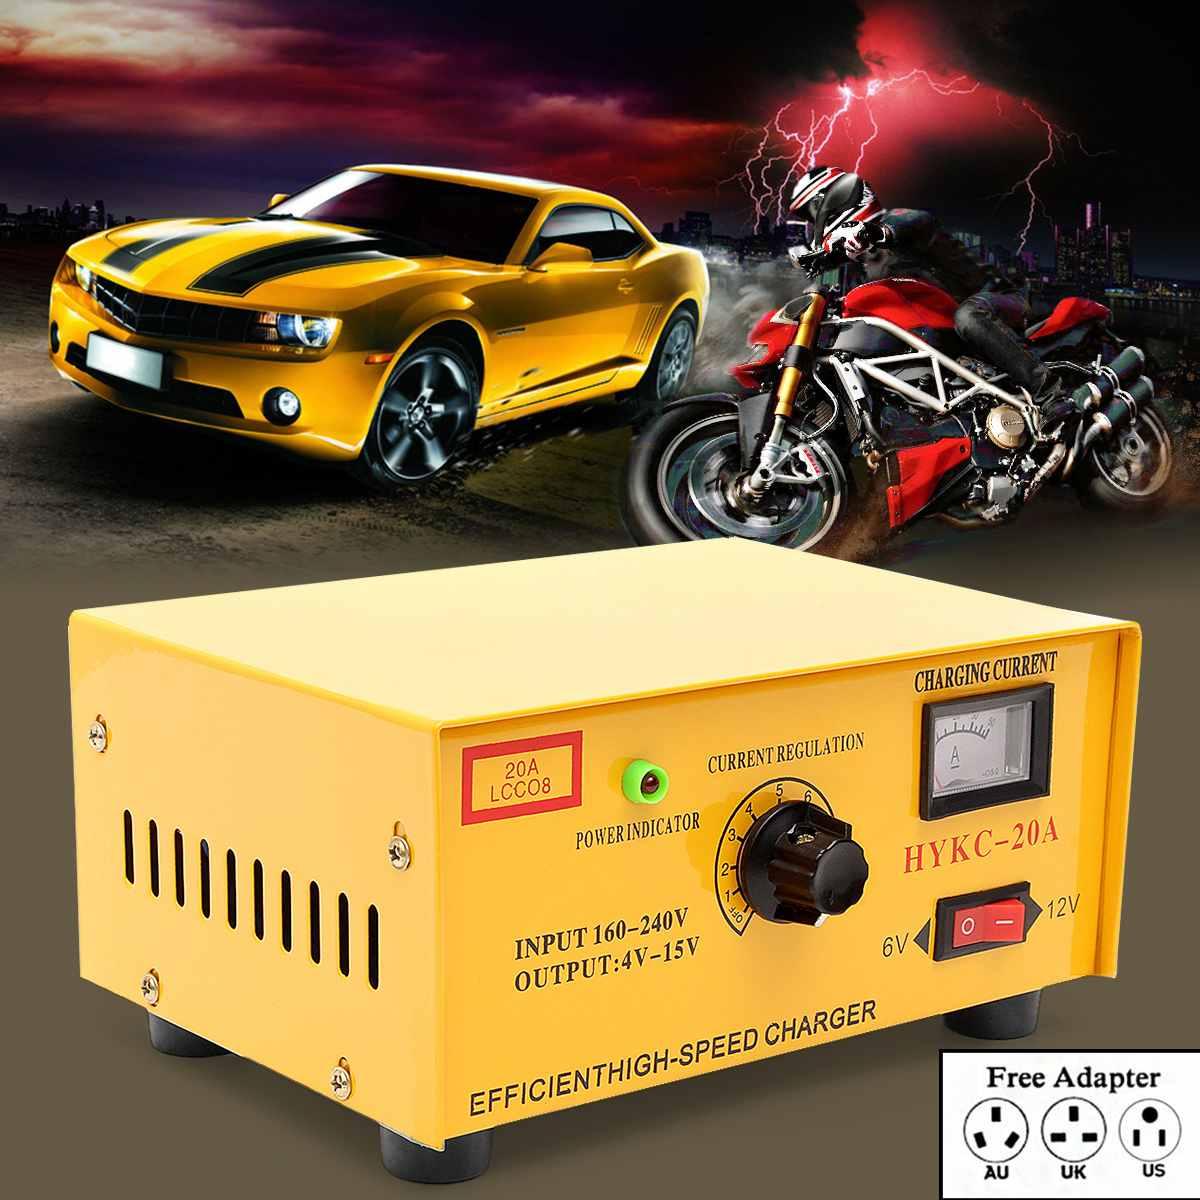 Intelligent Entièrement Automatique chargeur de batterie De Voiture 20A Réparation D'impulsion Type Intelligent Rapide Puissance De Charge pour la voiture Moto Bus